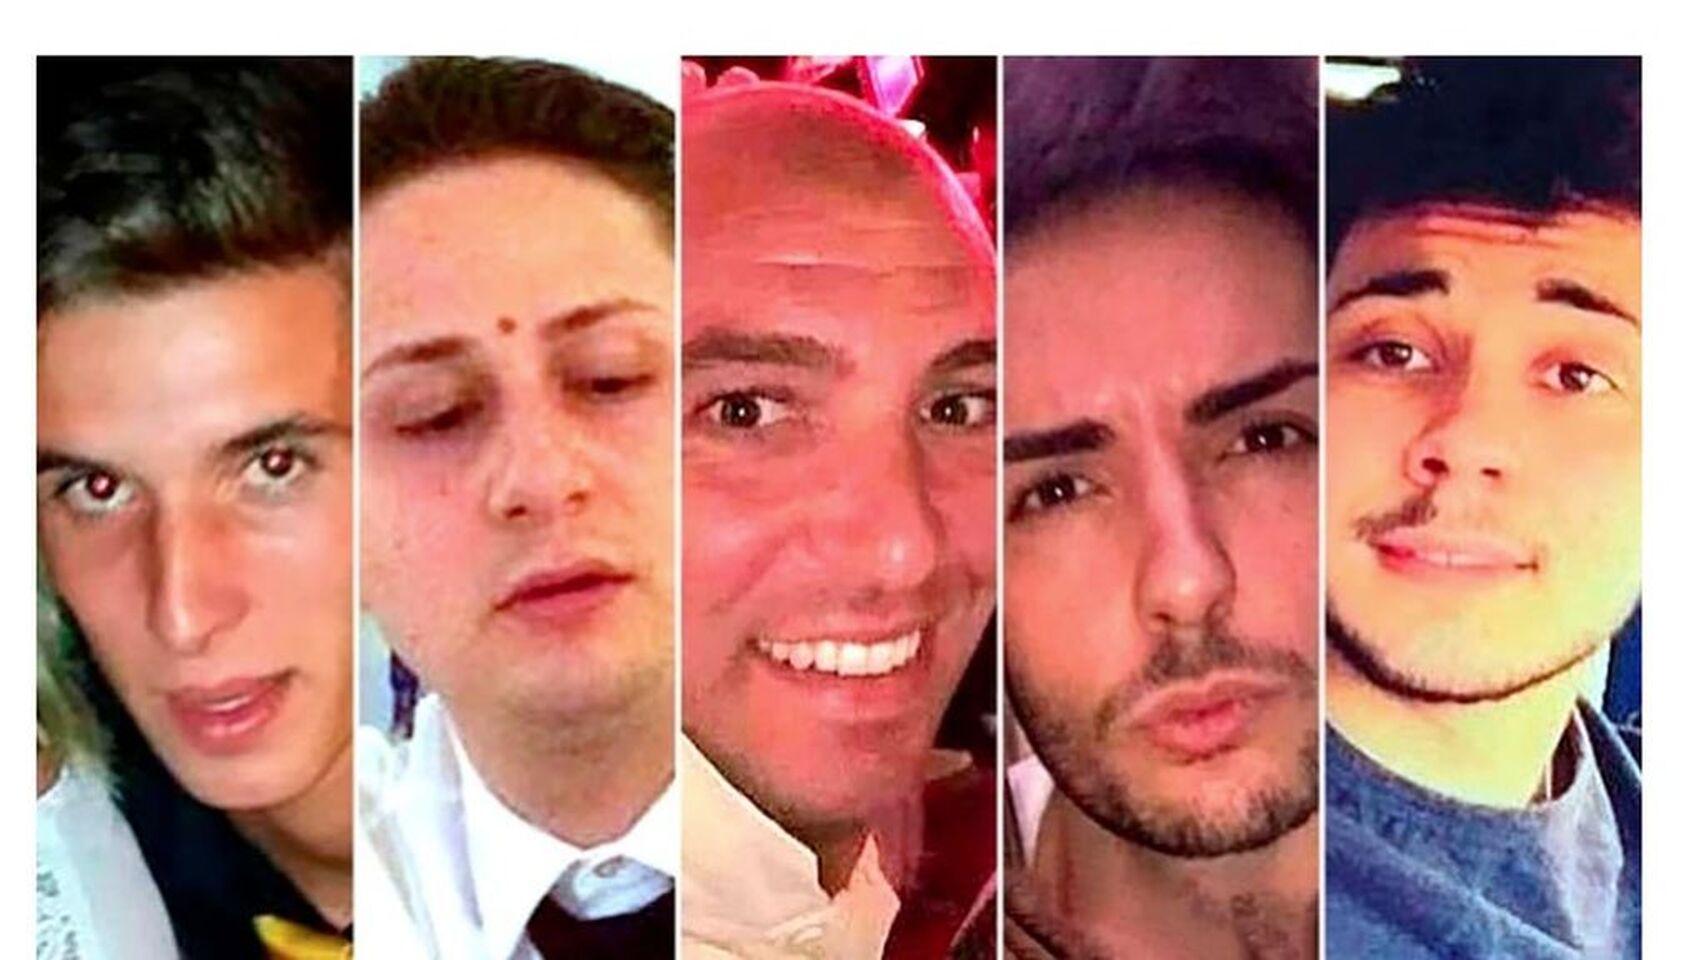 Estos son los 5 jóvenes italianos que drogaron, violaron en grupo y grabaron en vídeo a una turista inglesa, que viajaba con su hija para olvidar su reciente divorcio